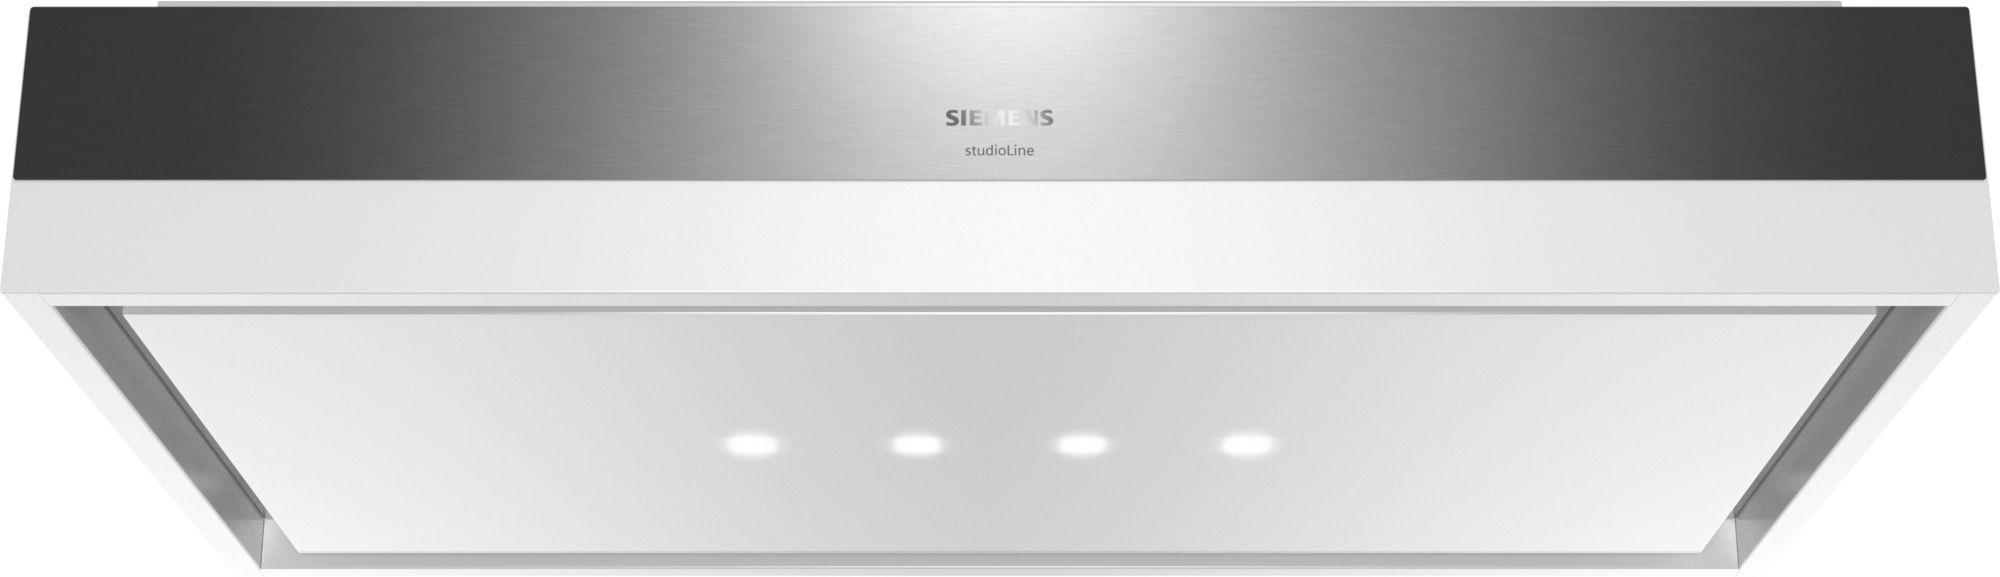 Siemens LR16RBQ25 Deckenhaube Weiß